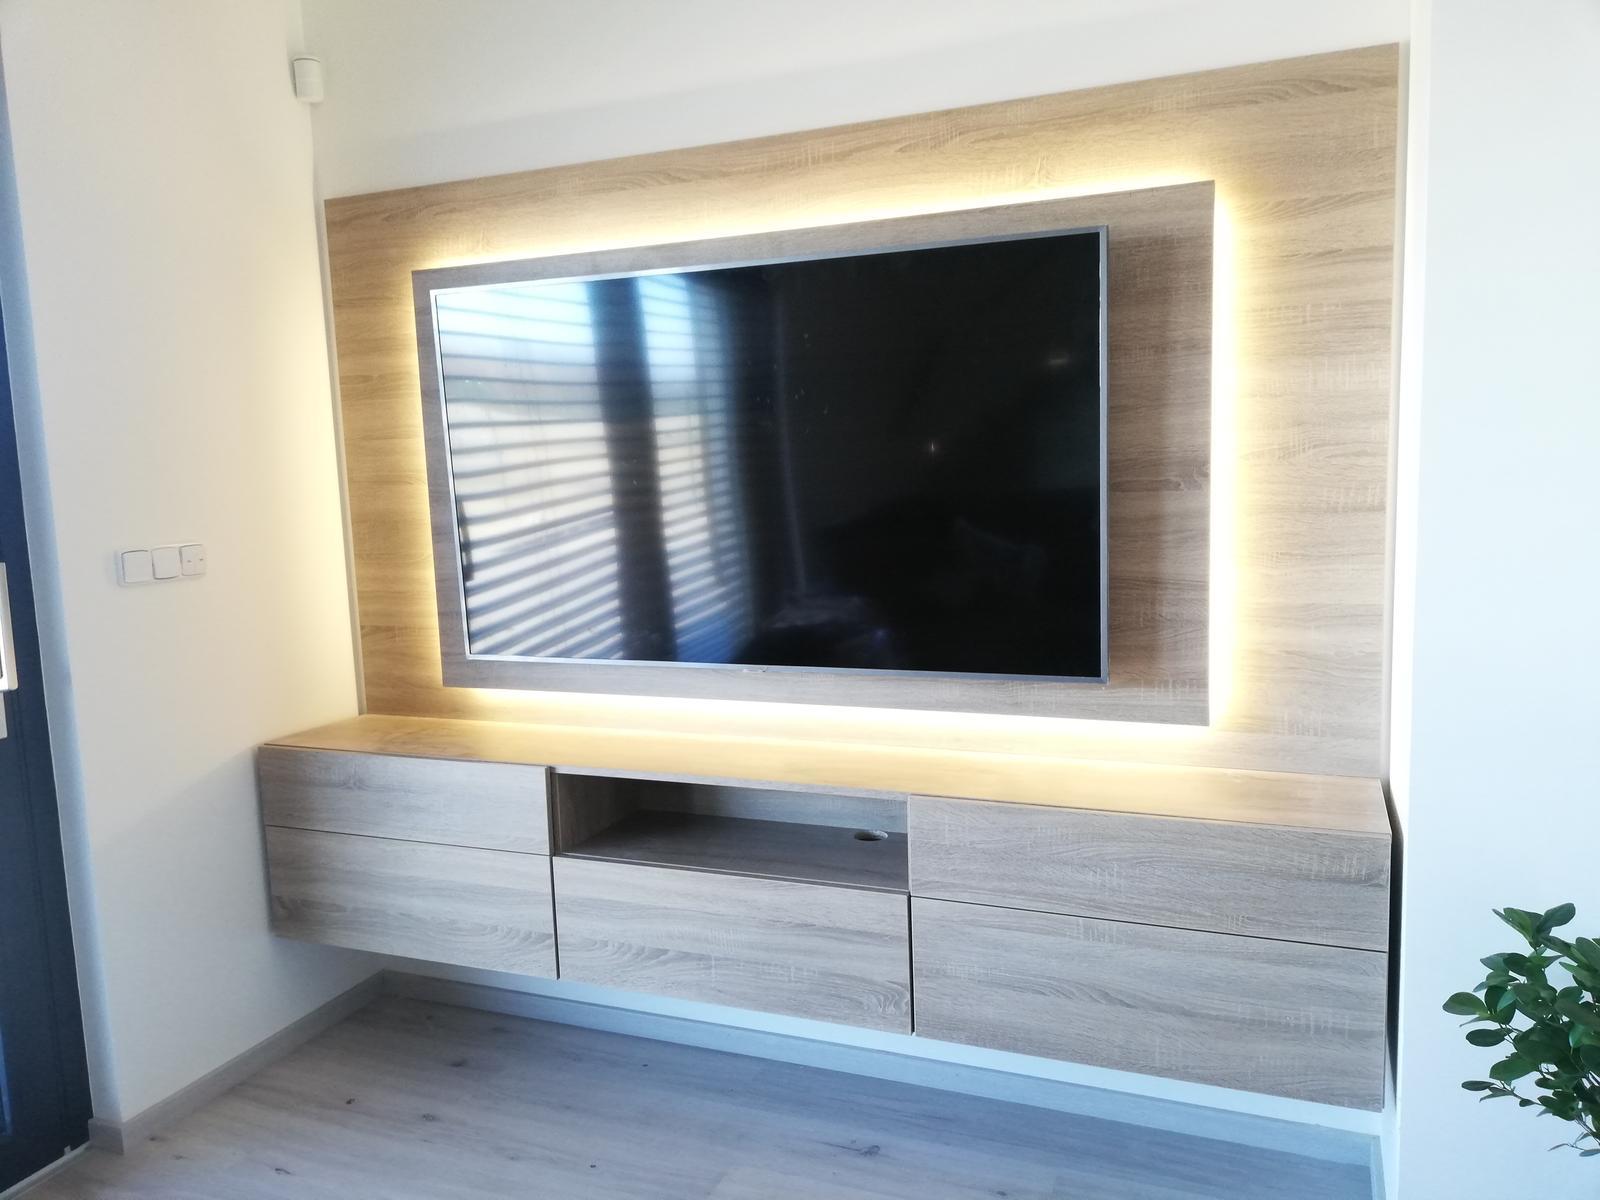 Tak už i my stavíme 😍 - TV stěna hotovo 😉